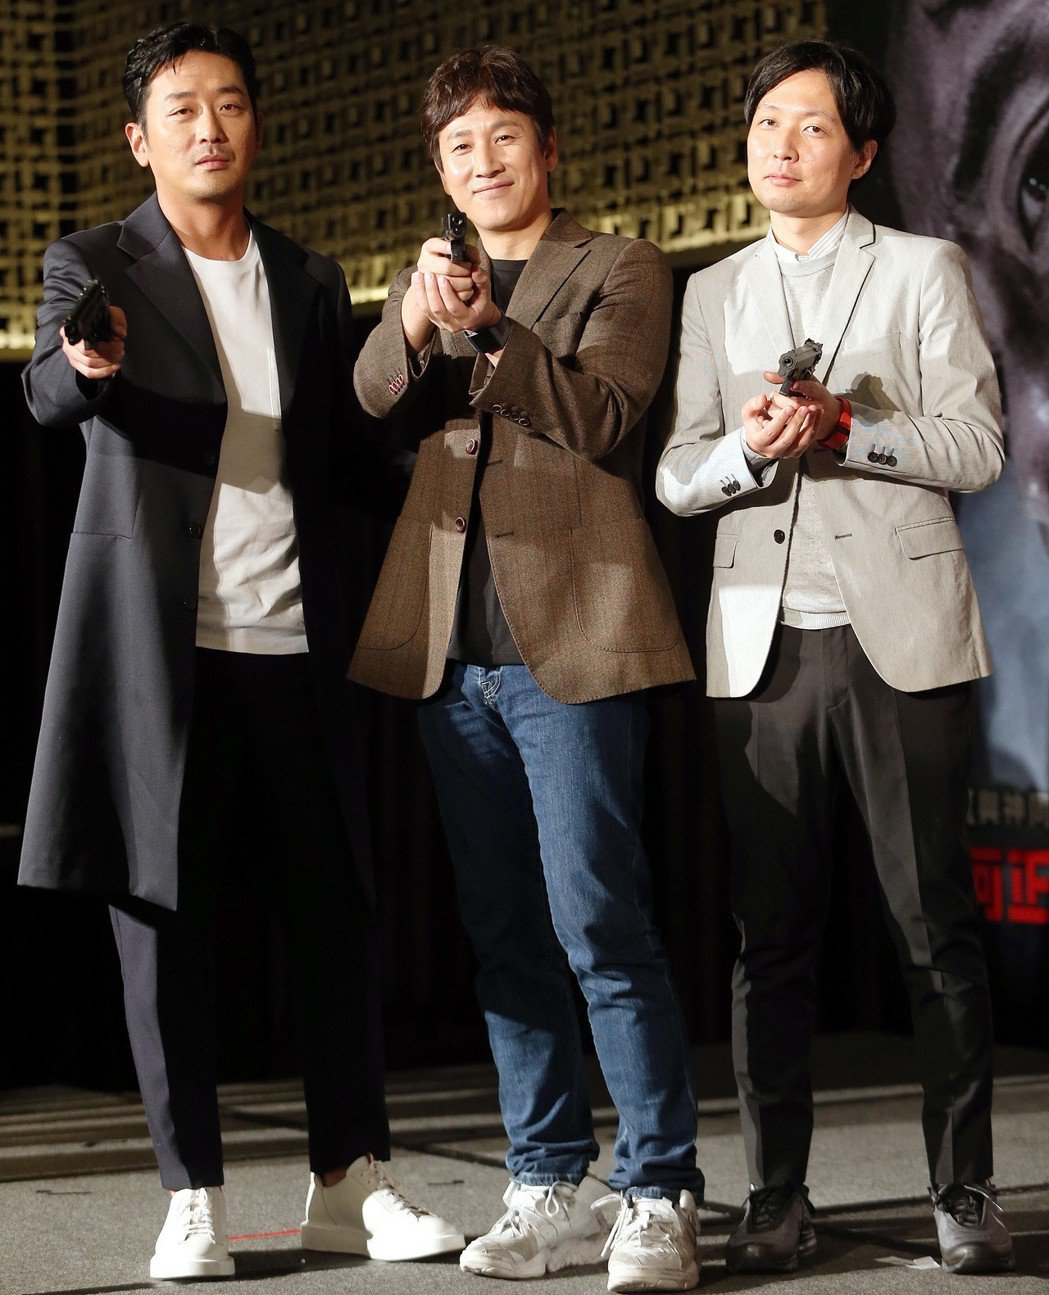 韓星河正宇(左起)、李善均與導演金秉祐昨出席「90分鐘末日倒數」新戲宣傳記者會。...